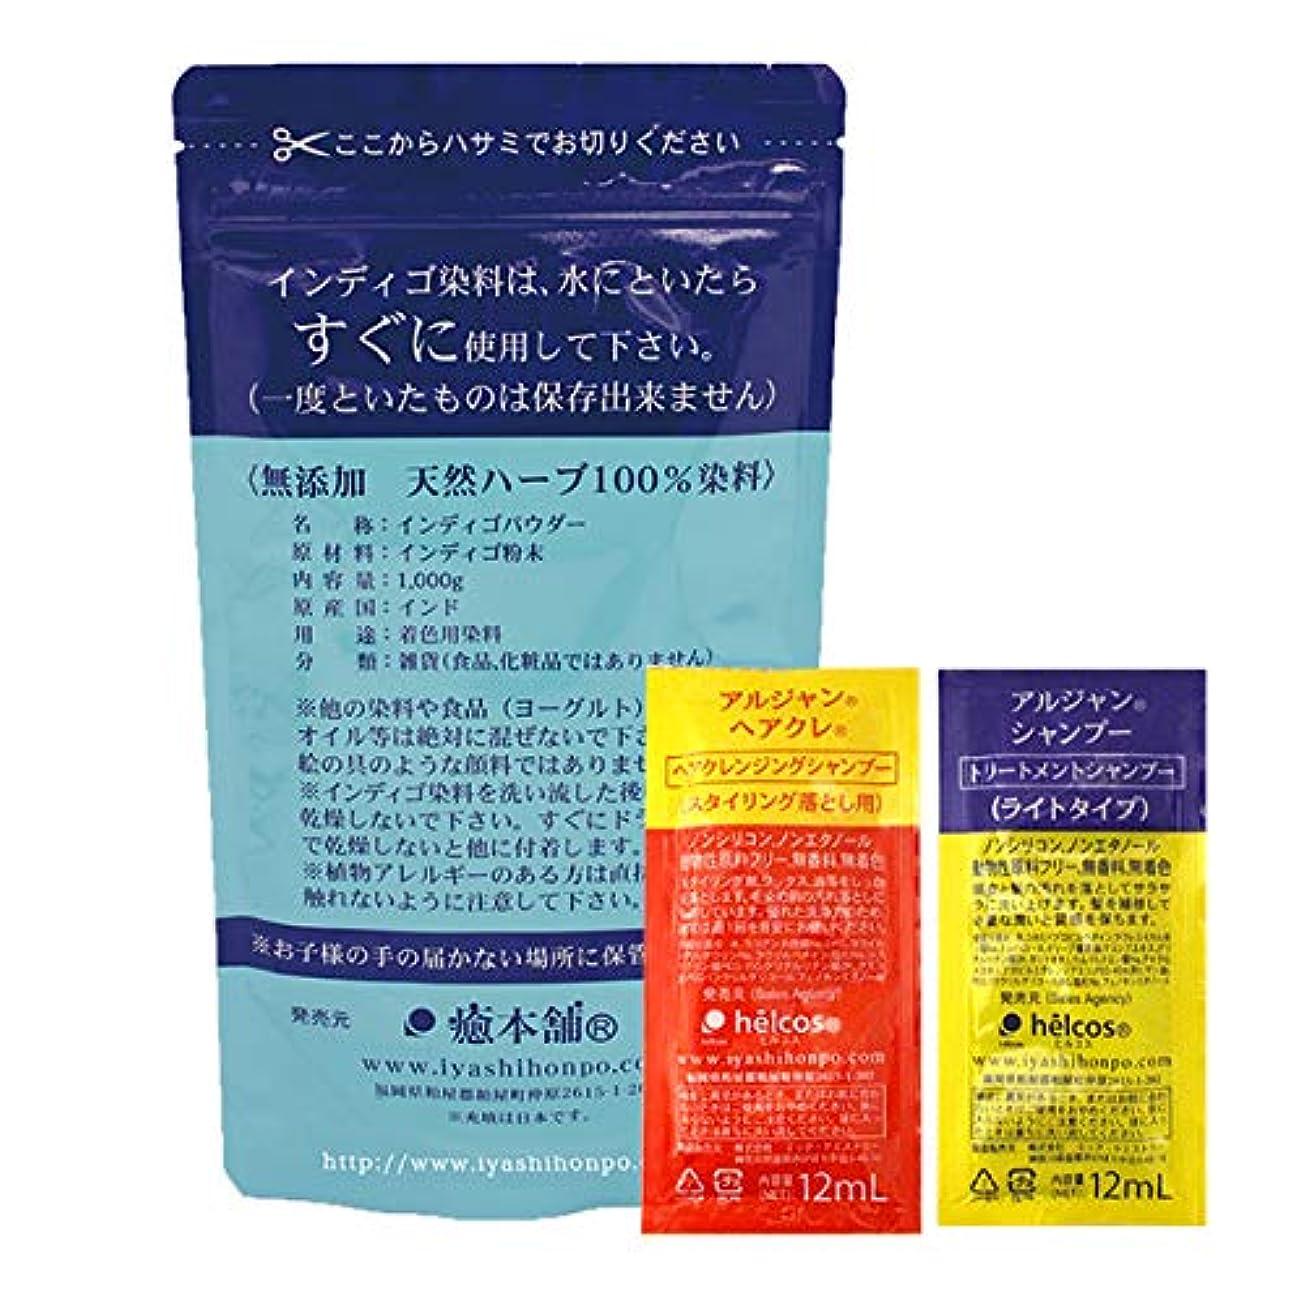 なに腹部受粉者天然染料100% 癒本舗 インディゴ1000g+シャンプーセット 白髪染め ノンシリコン ヘアカラー